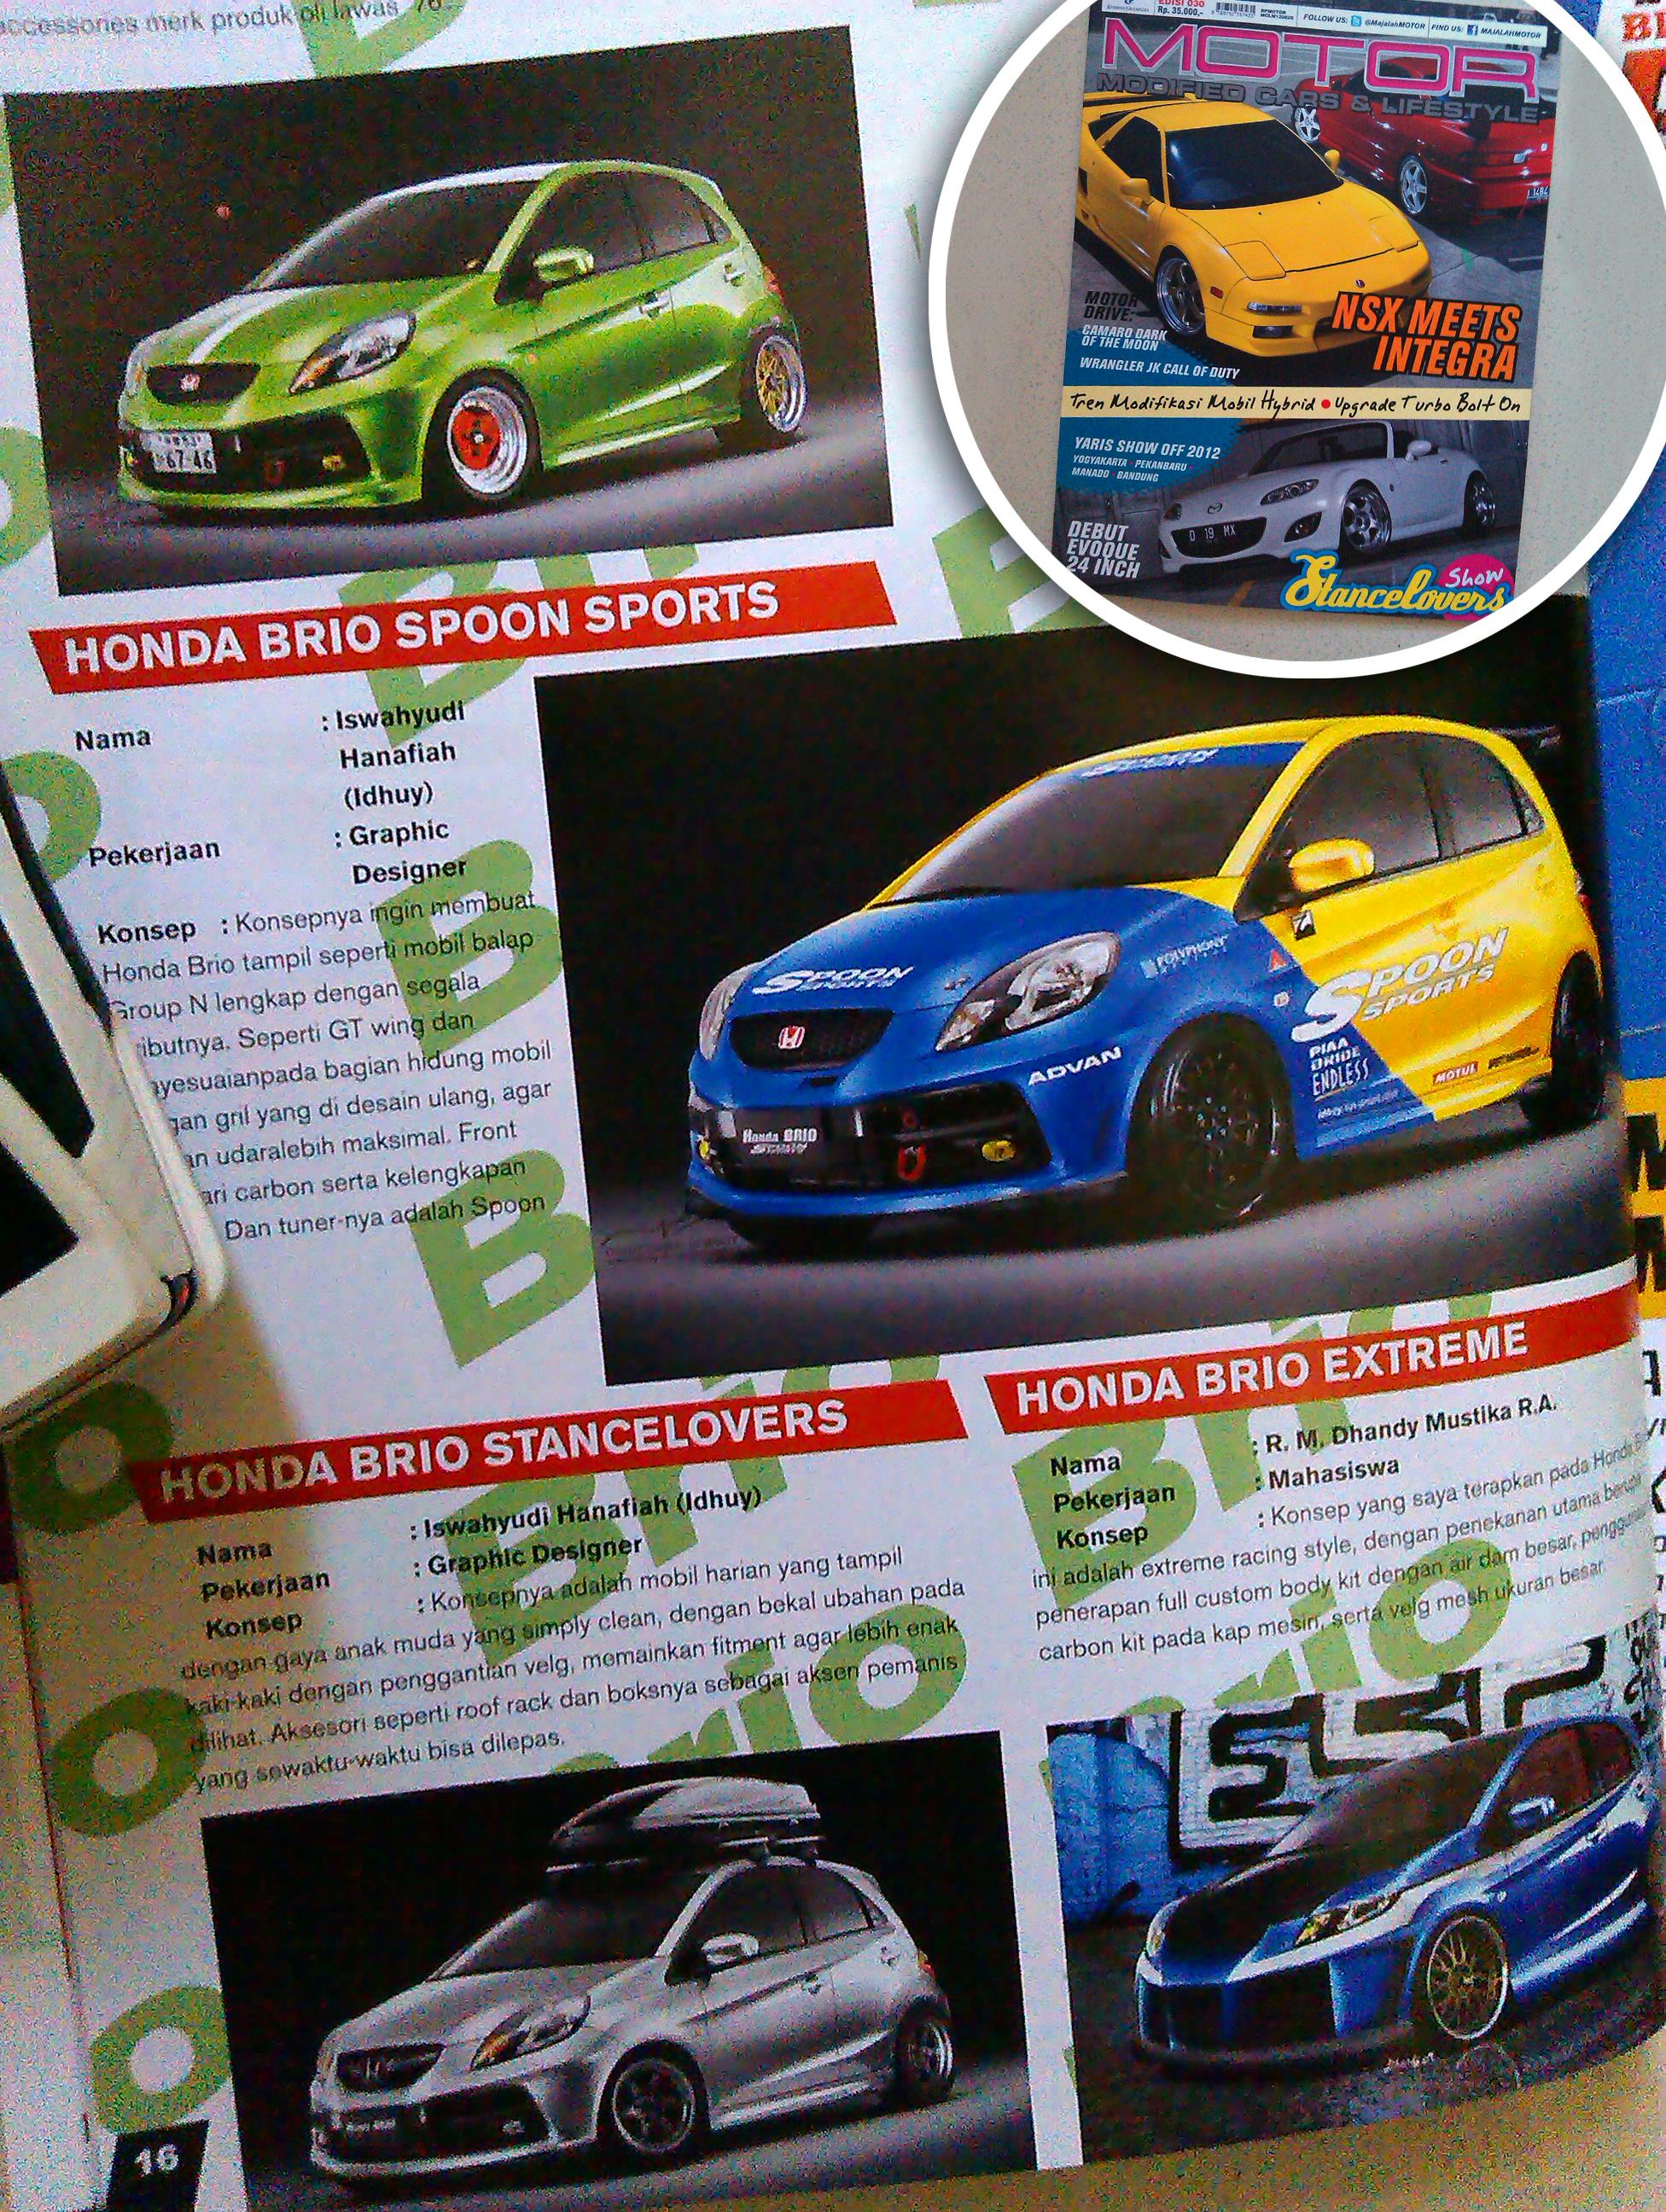 Modifikasi Honda Brio di Majalah MOTOR by idhuy